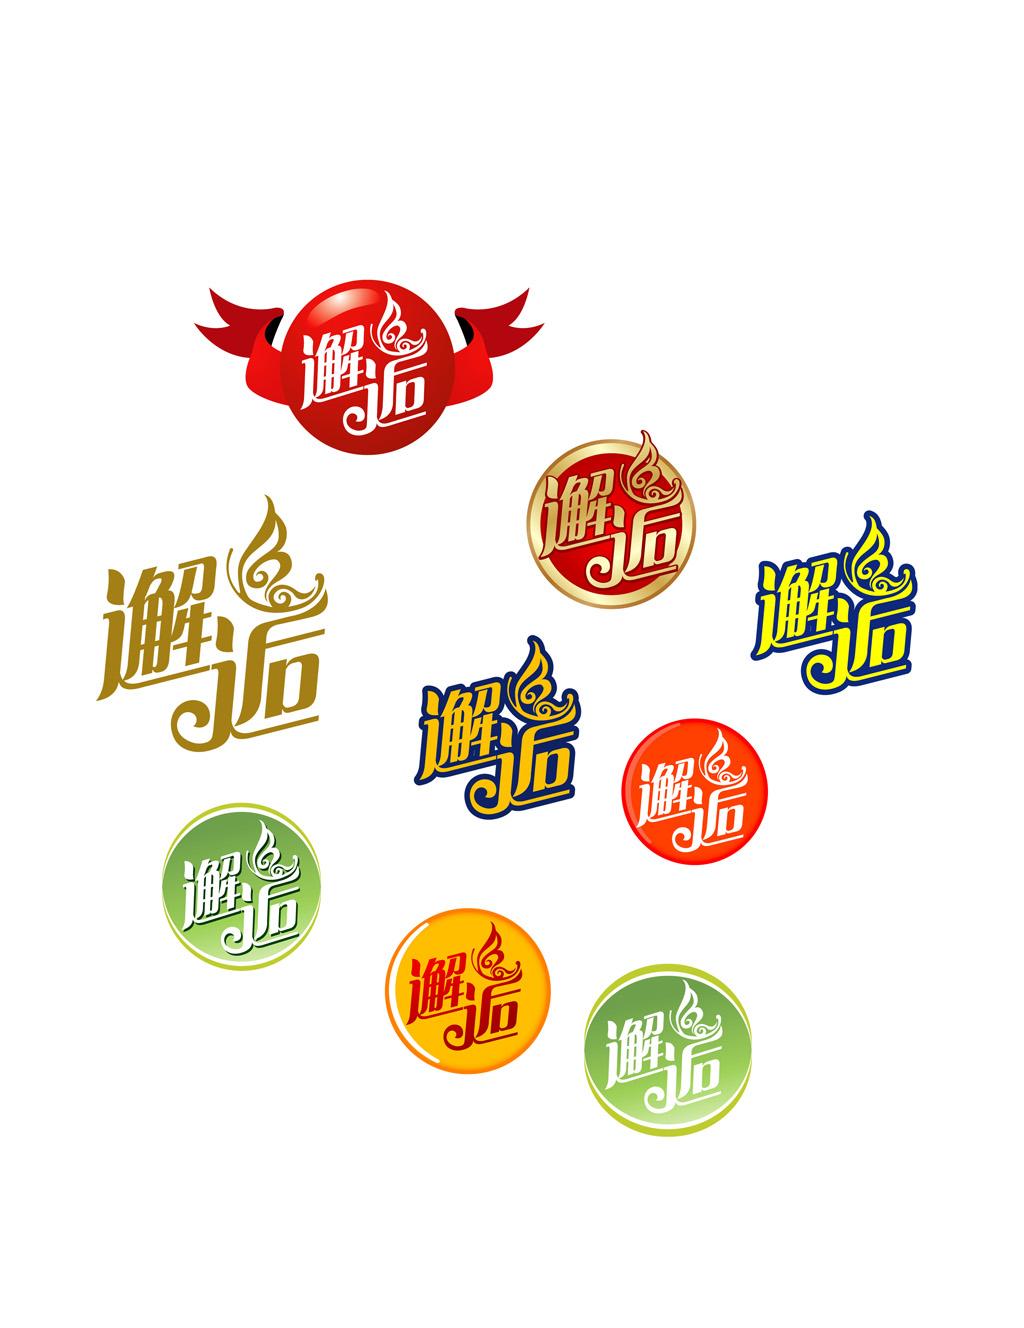 食品公司logo设计[邂逅]